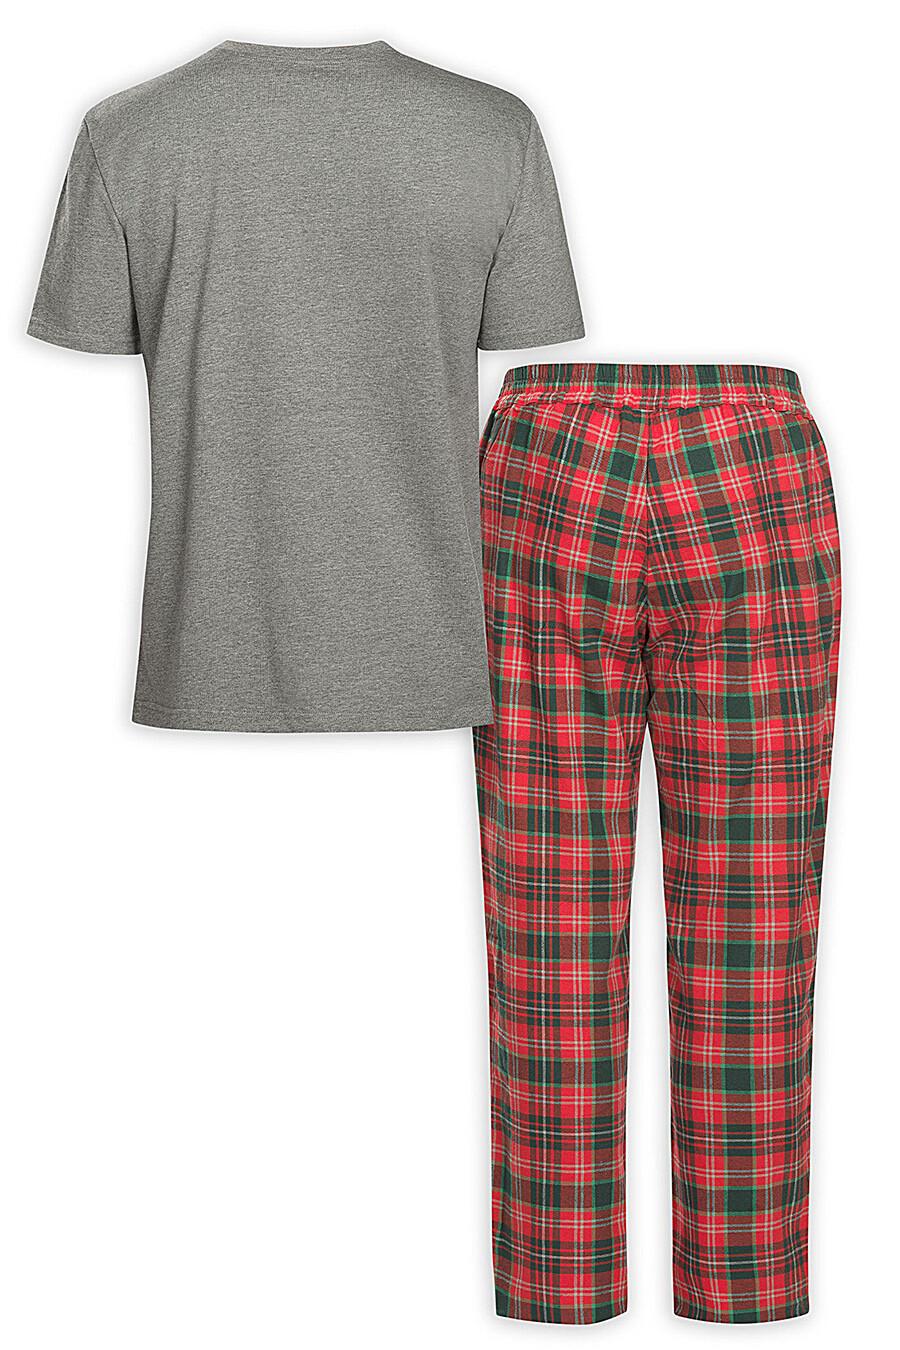 Комплект для мужчин PELICAN 161497 купить оптом от производителя. Совместная покупка мужской одежды в OptMoyo